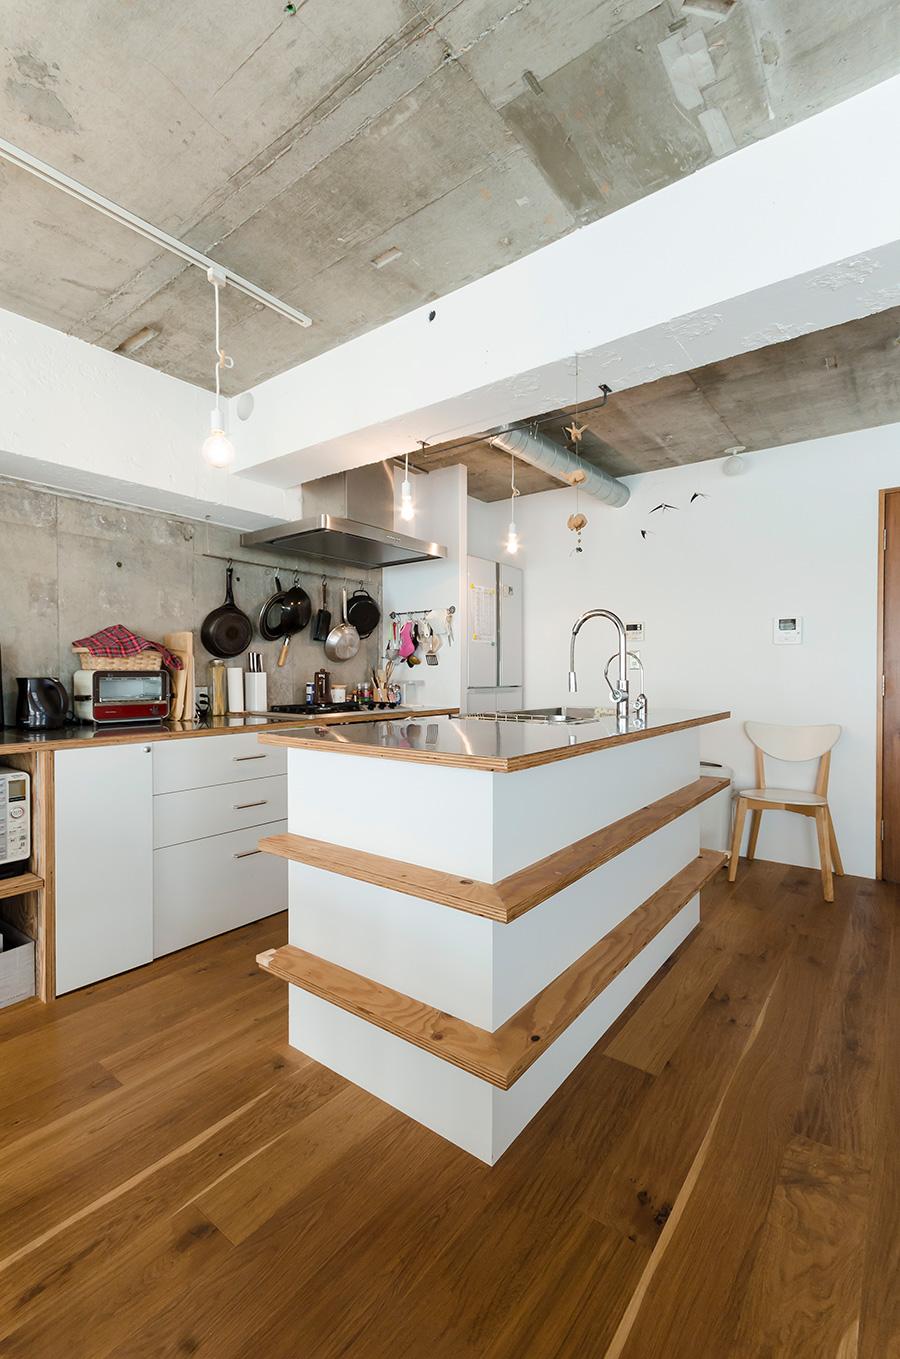 アイランドキッチンにはラーチ合板の飾り板をプラスした。